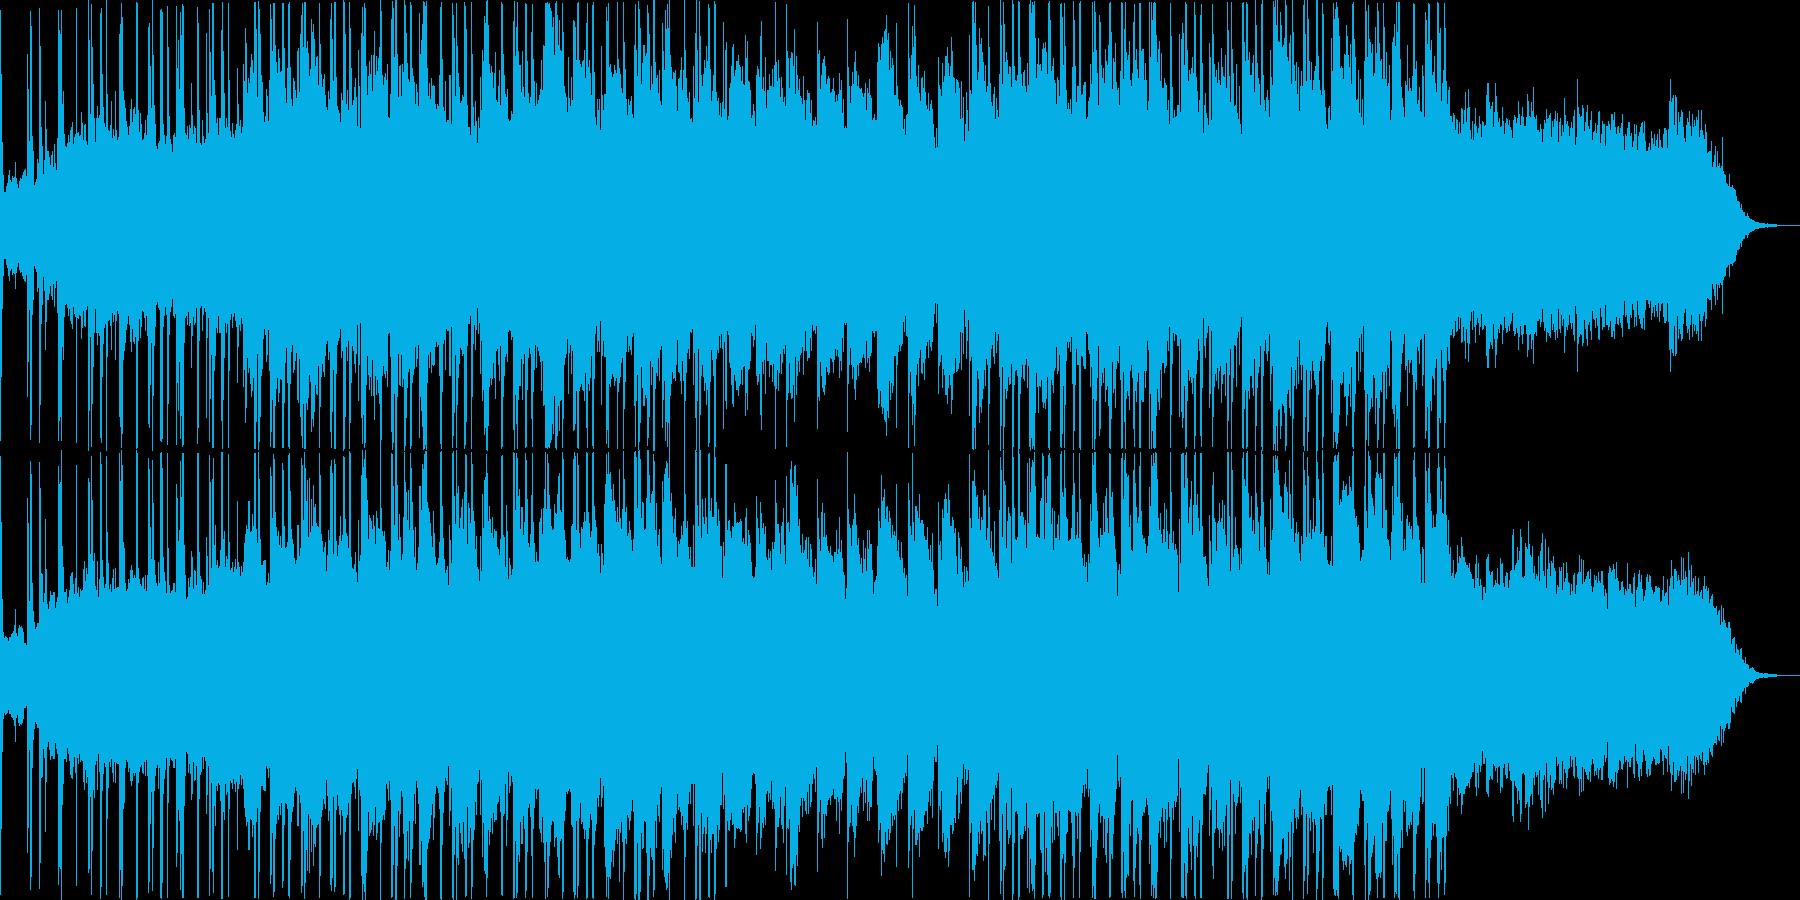 シティーポップ・ヒップホップ・お洒落の再生済みの波形